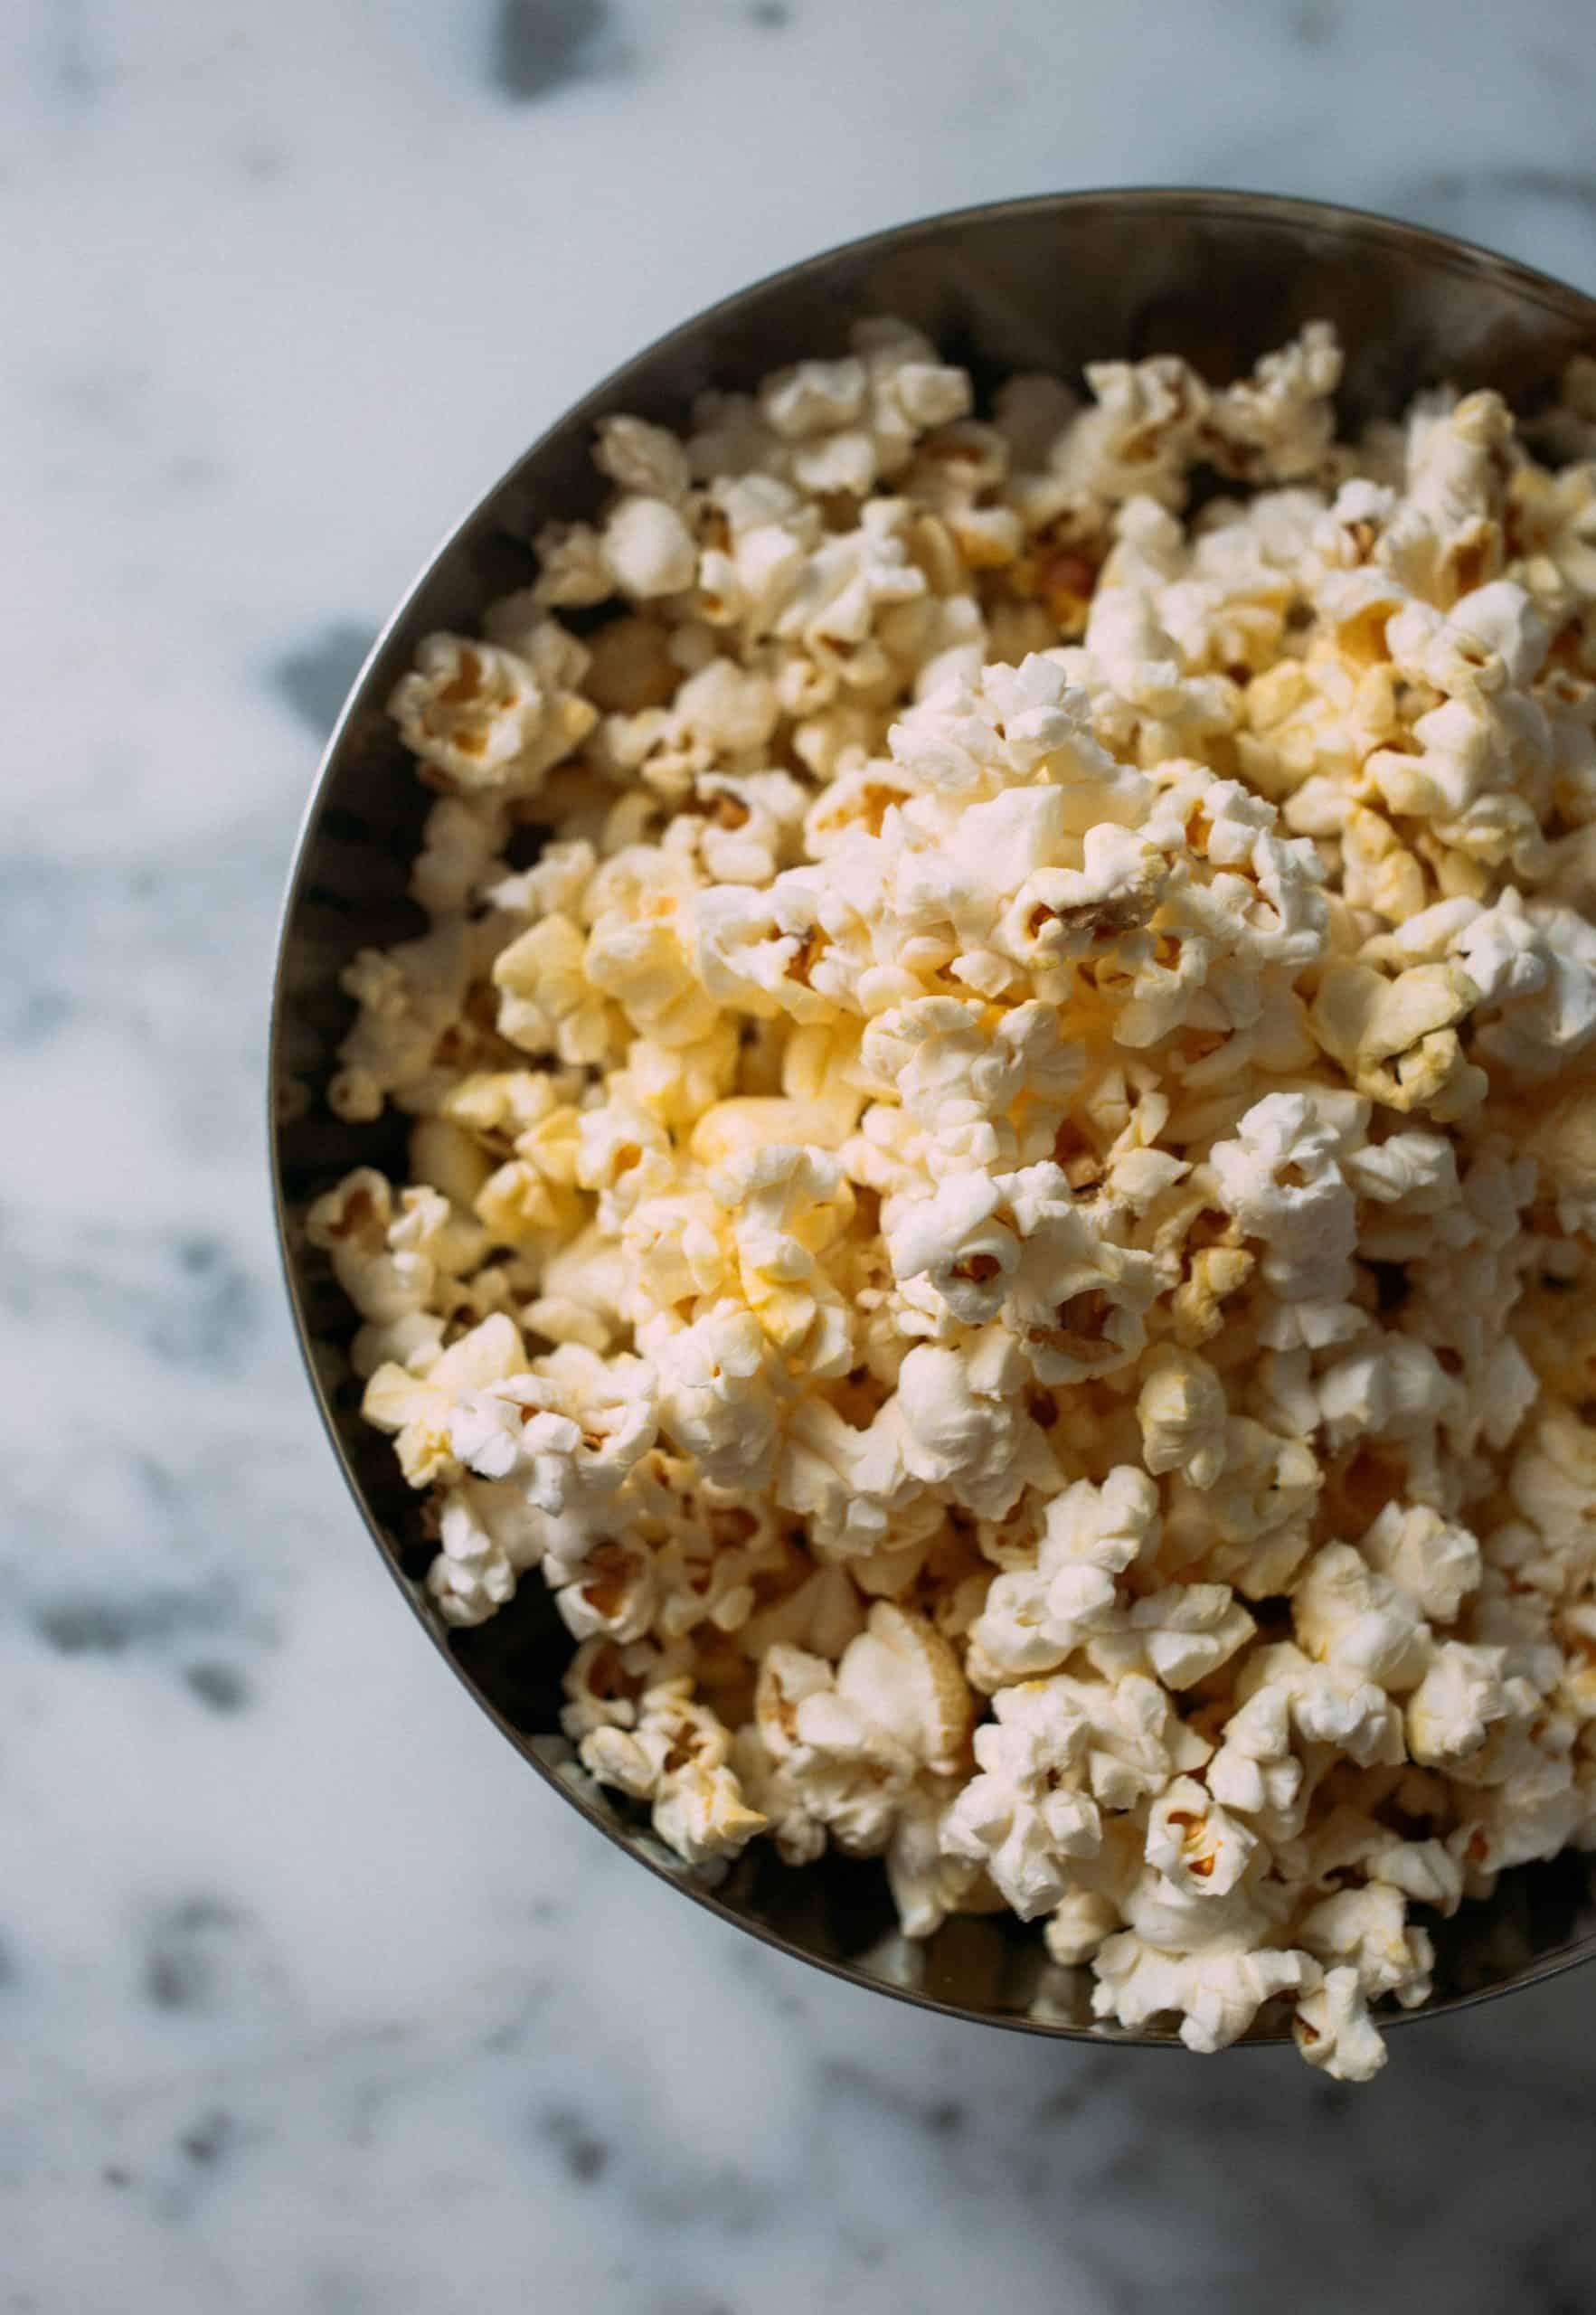 Niet alleen zijn de films niet ontspannend, de snacks zijn ook niet echt bevorderlijk voor je gezondheid